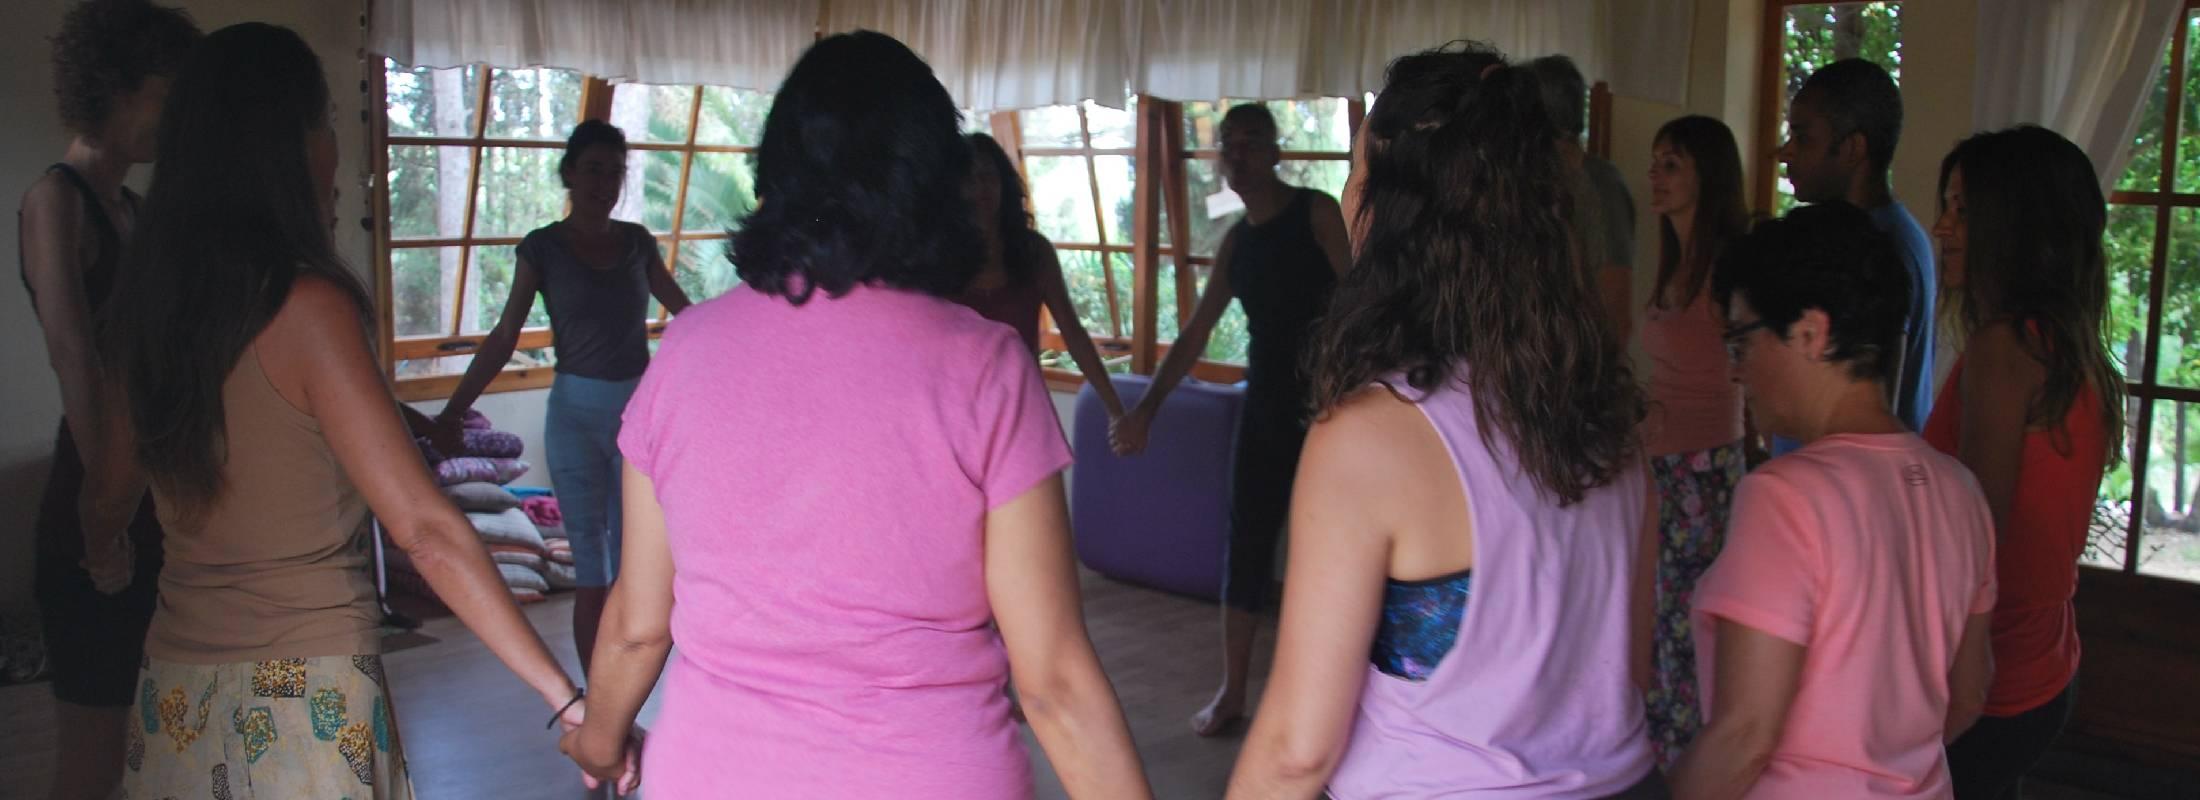 grupo del retiro de meditación y yoga en Gerona